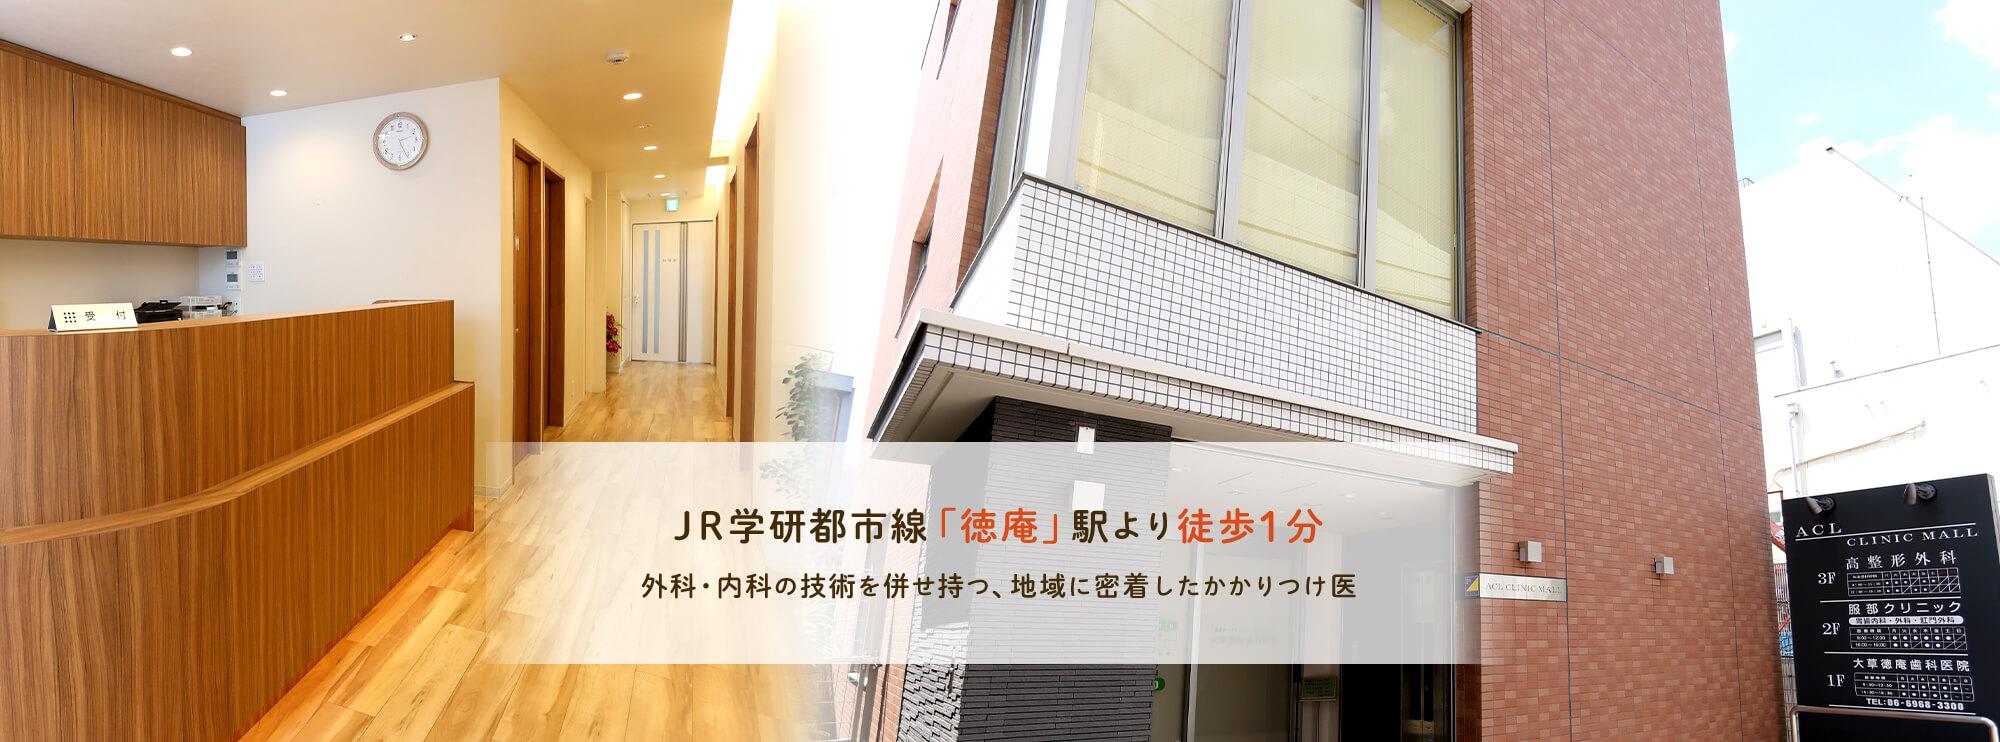 JR学研都市線「徳庵」駅より徒歩1分 外科・内科の技術を併せ持つ、地域に密着したかかりつけ医